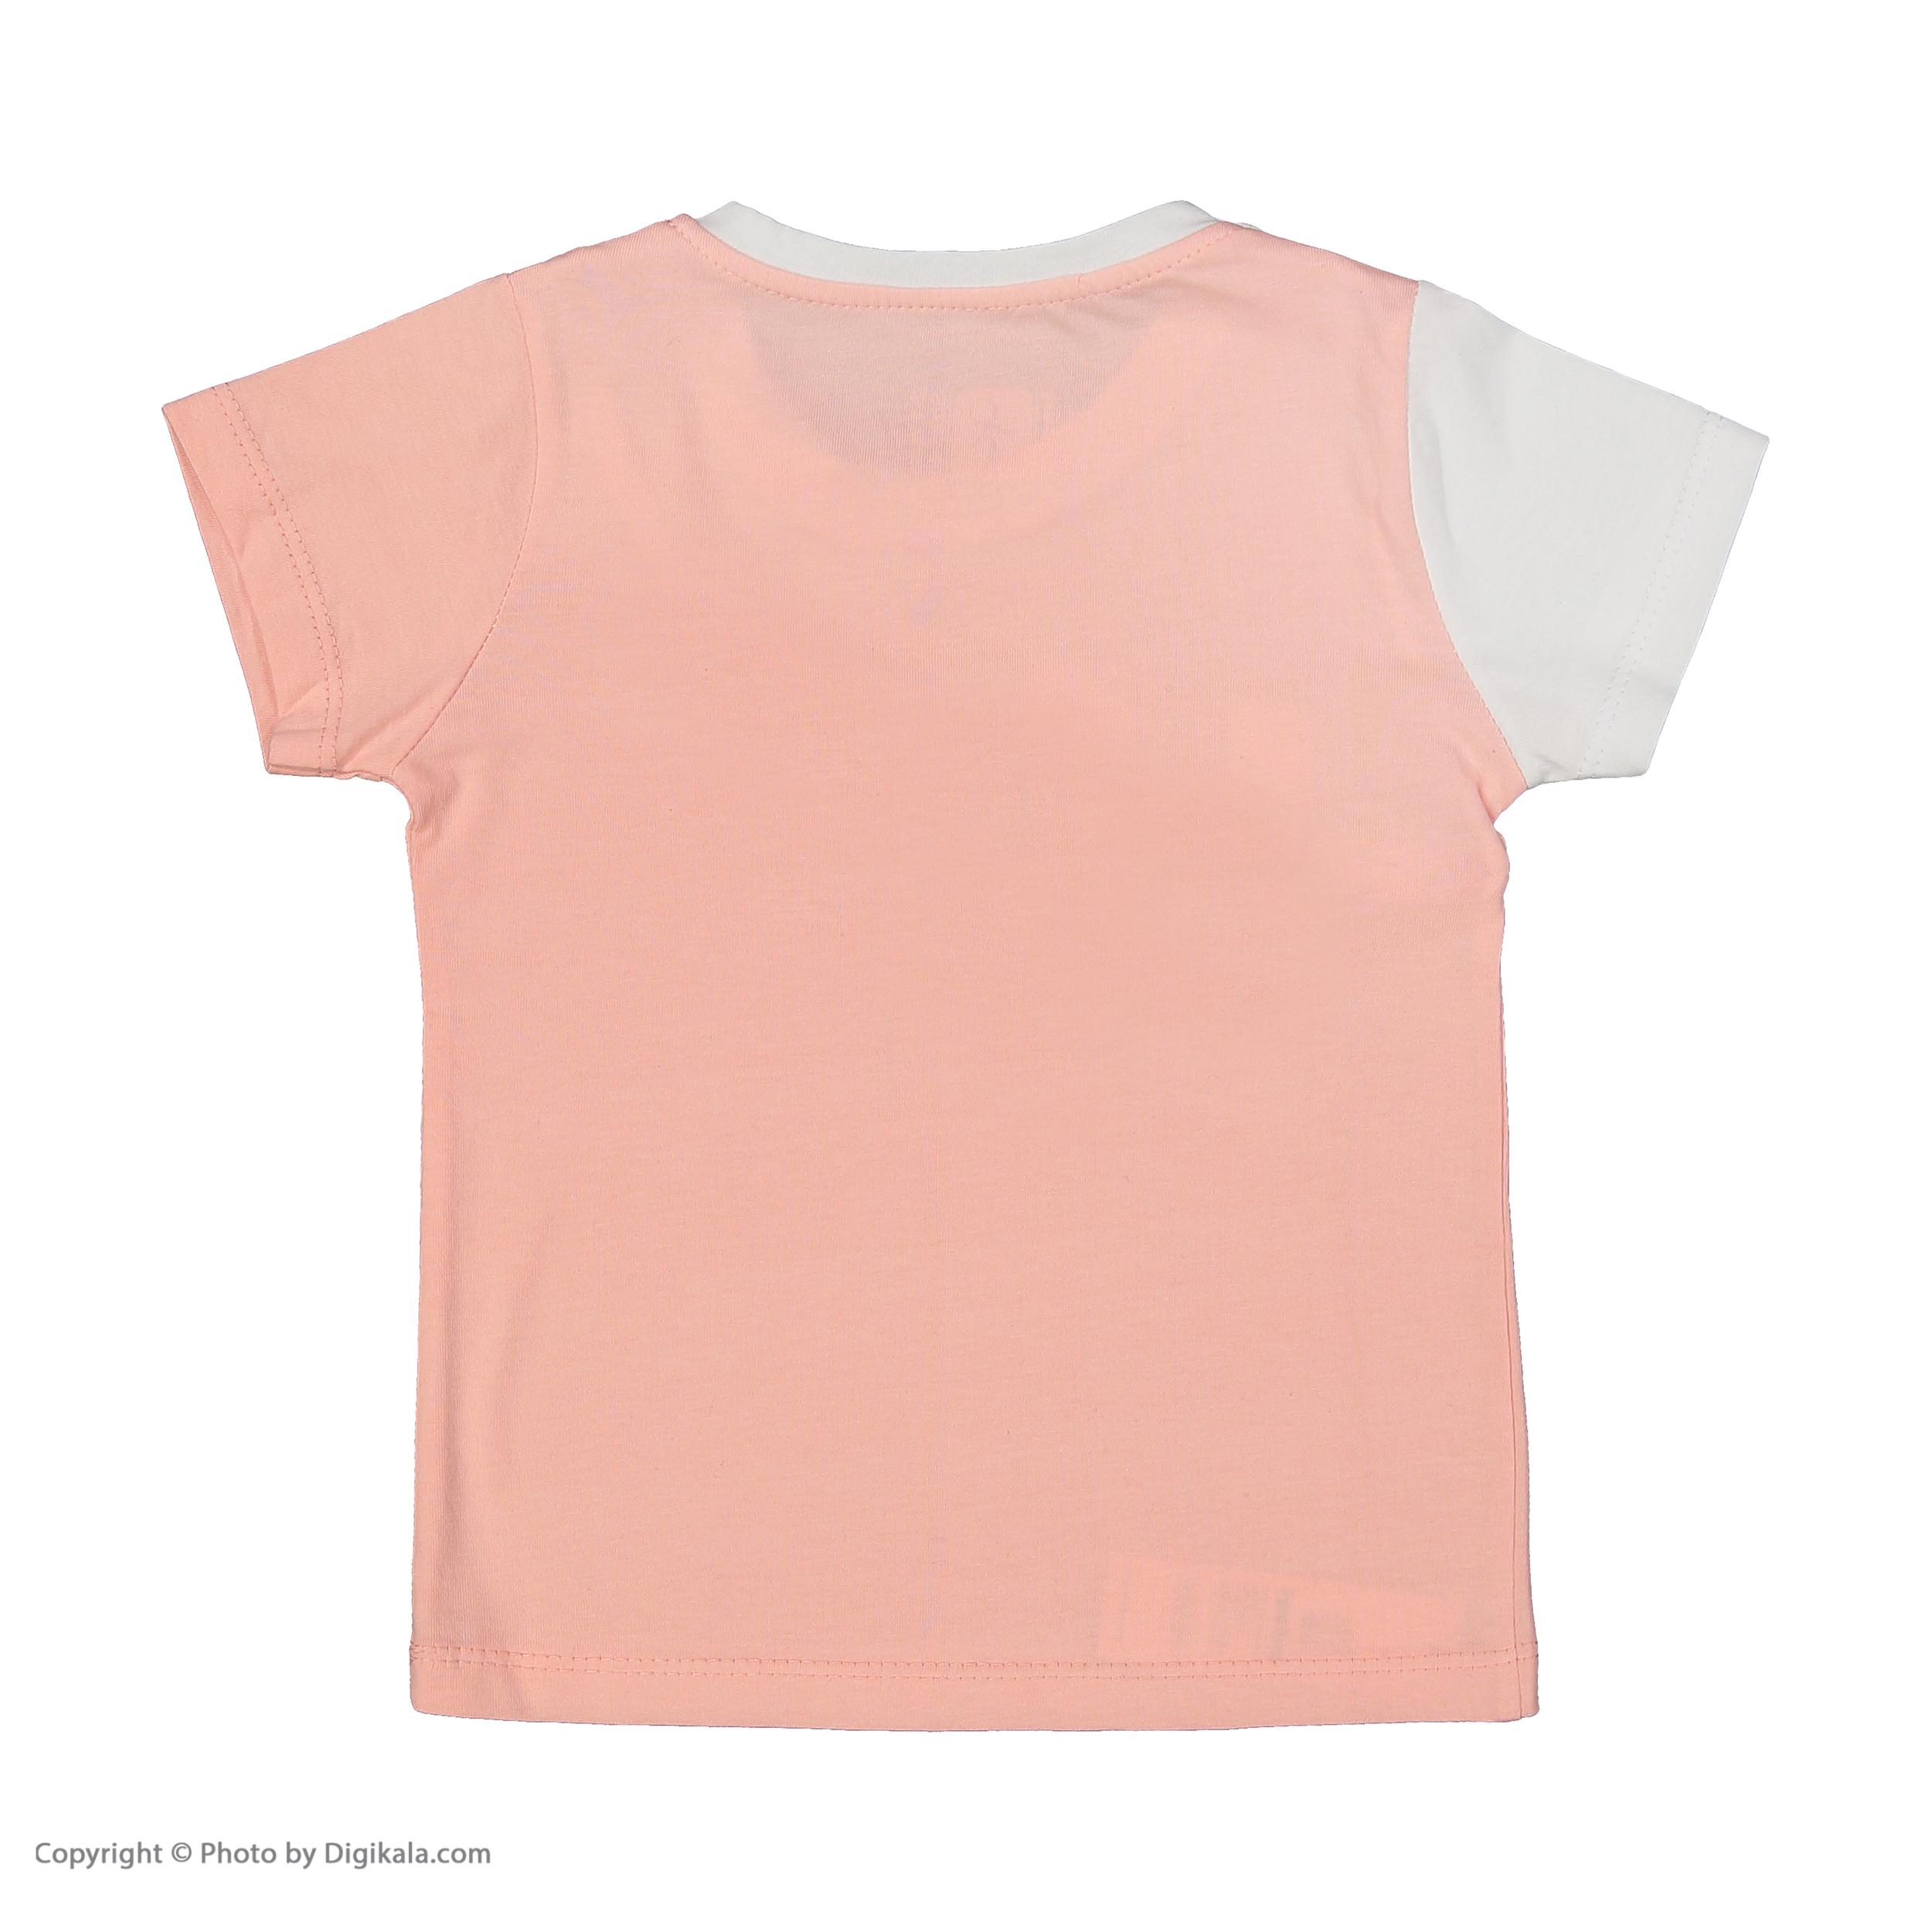 تی شرت دخترانه سون پون مدل 1391283-85